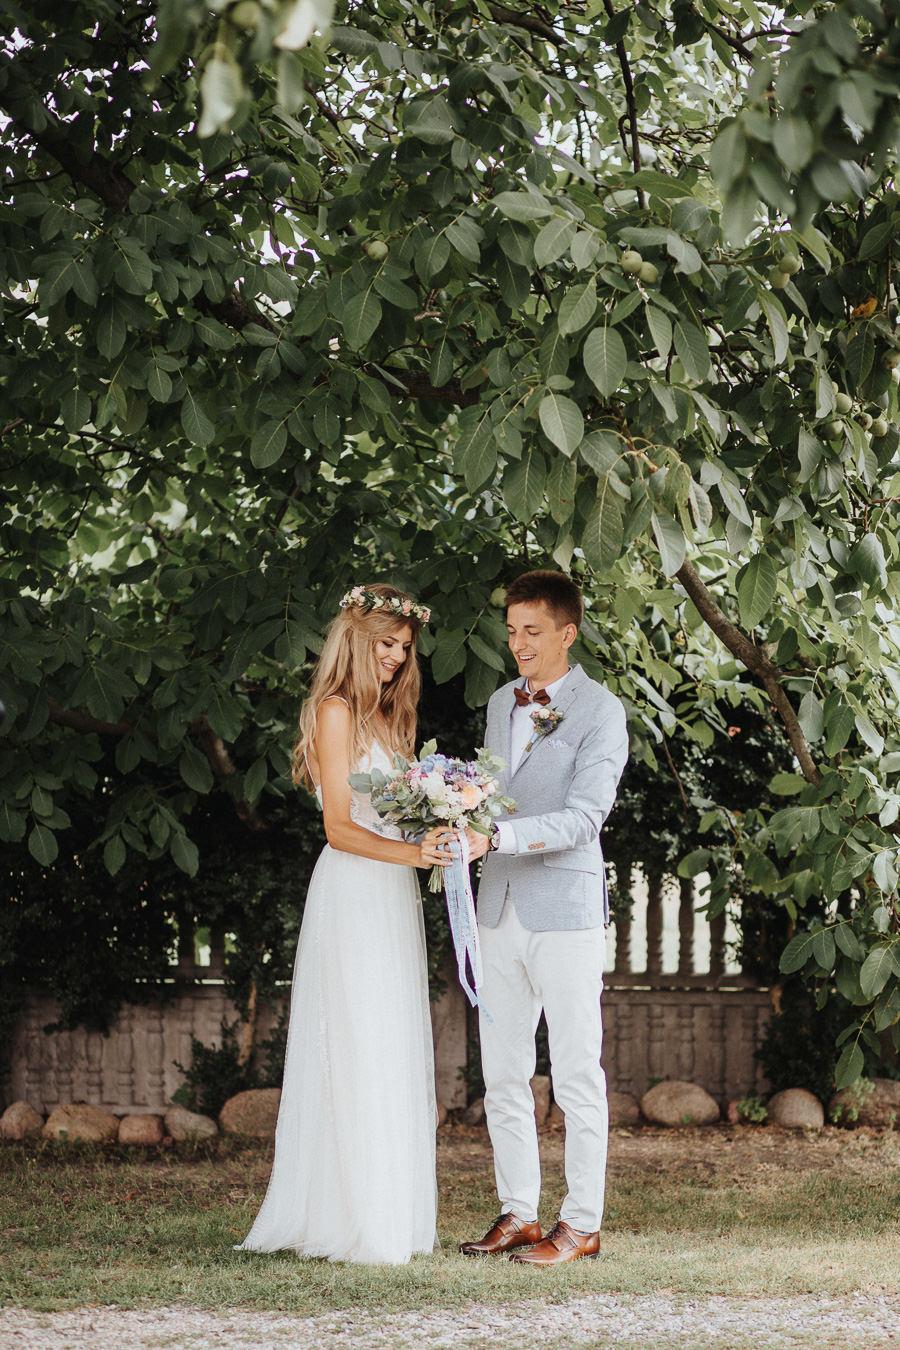 rustykalne-wesele-w-stodole-celinka-wilczkiewicz-00046 45